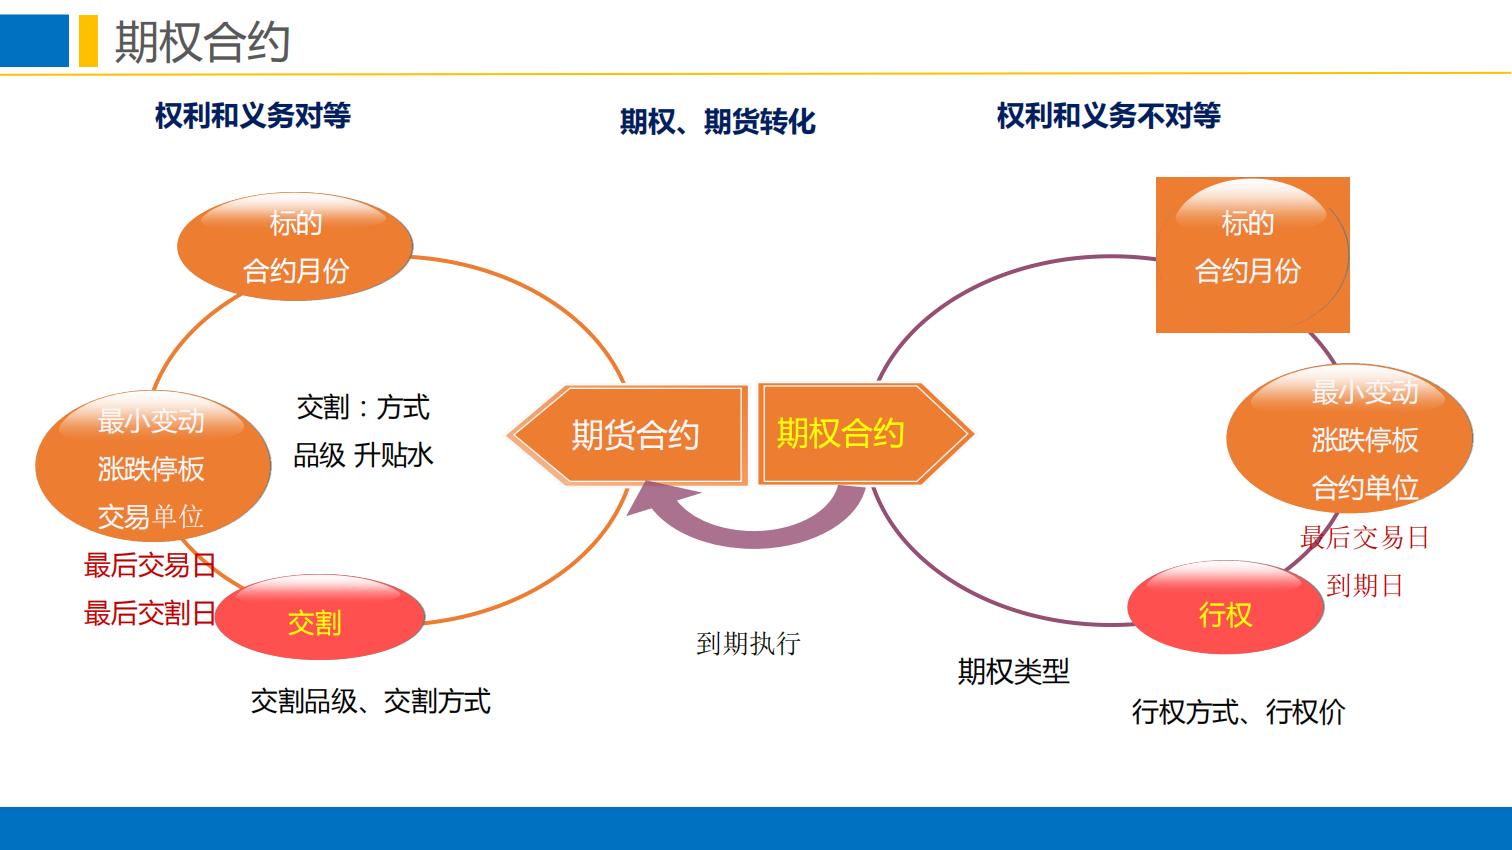 晨会:郑商所培训分享-棉花期权合约规则与上市工作安排0111.pdfx_30.png